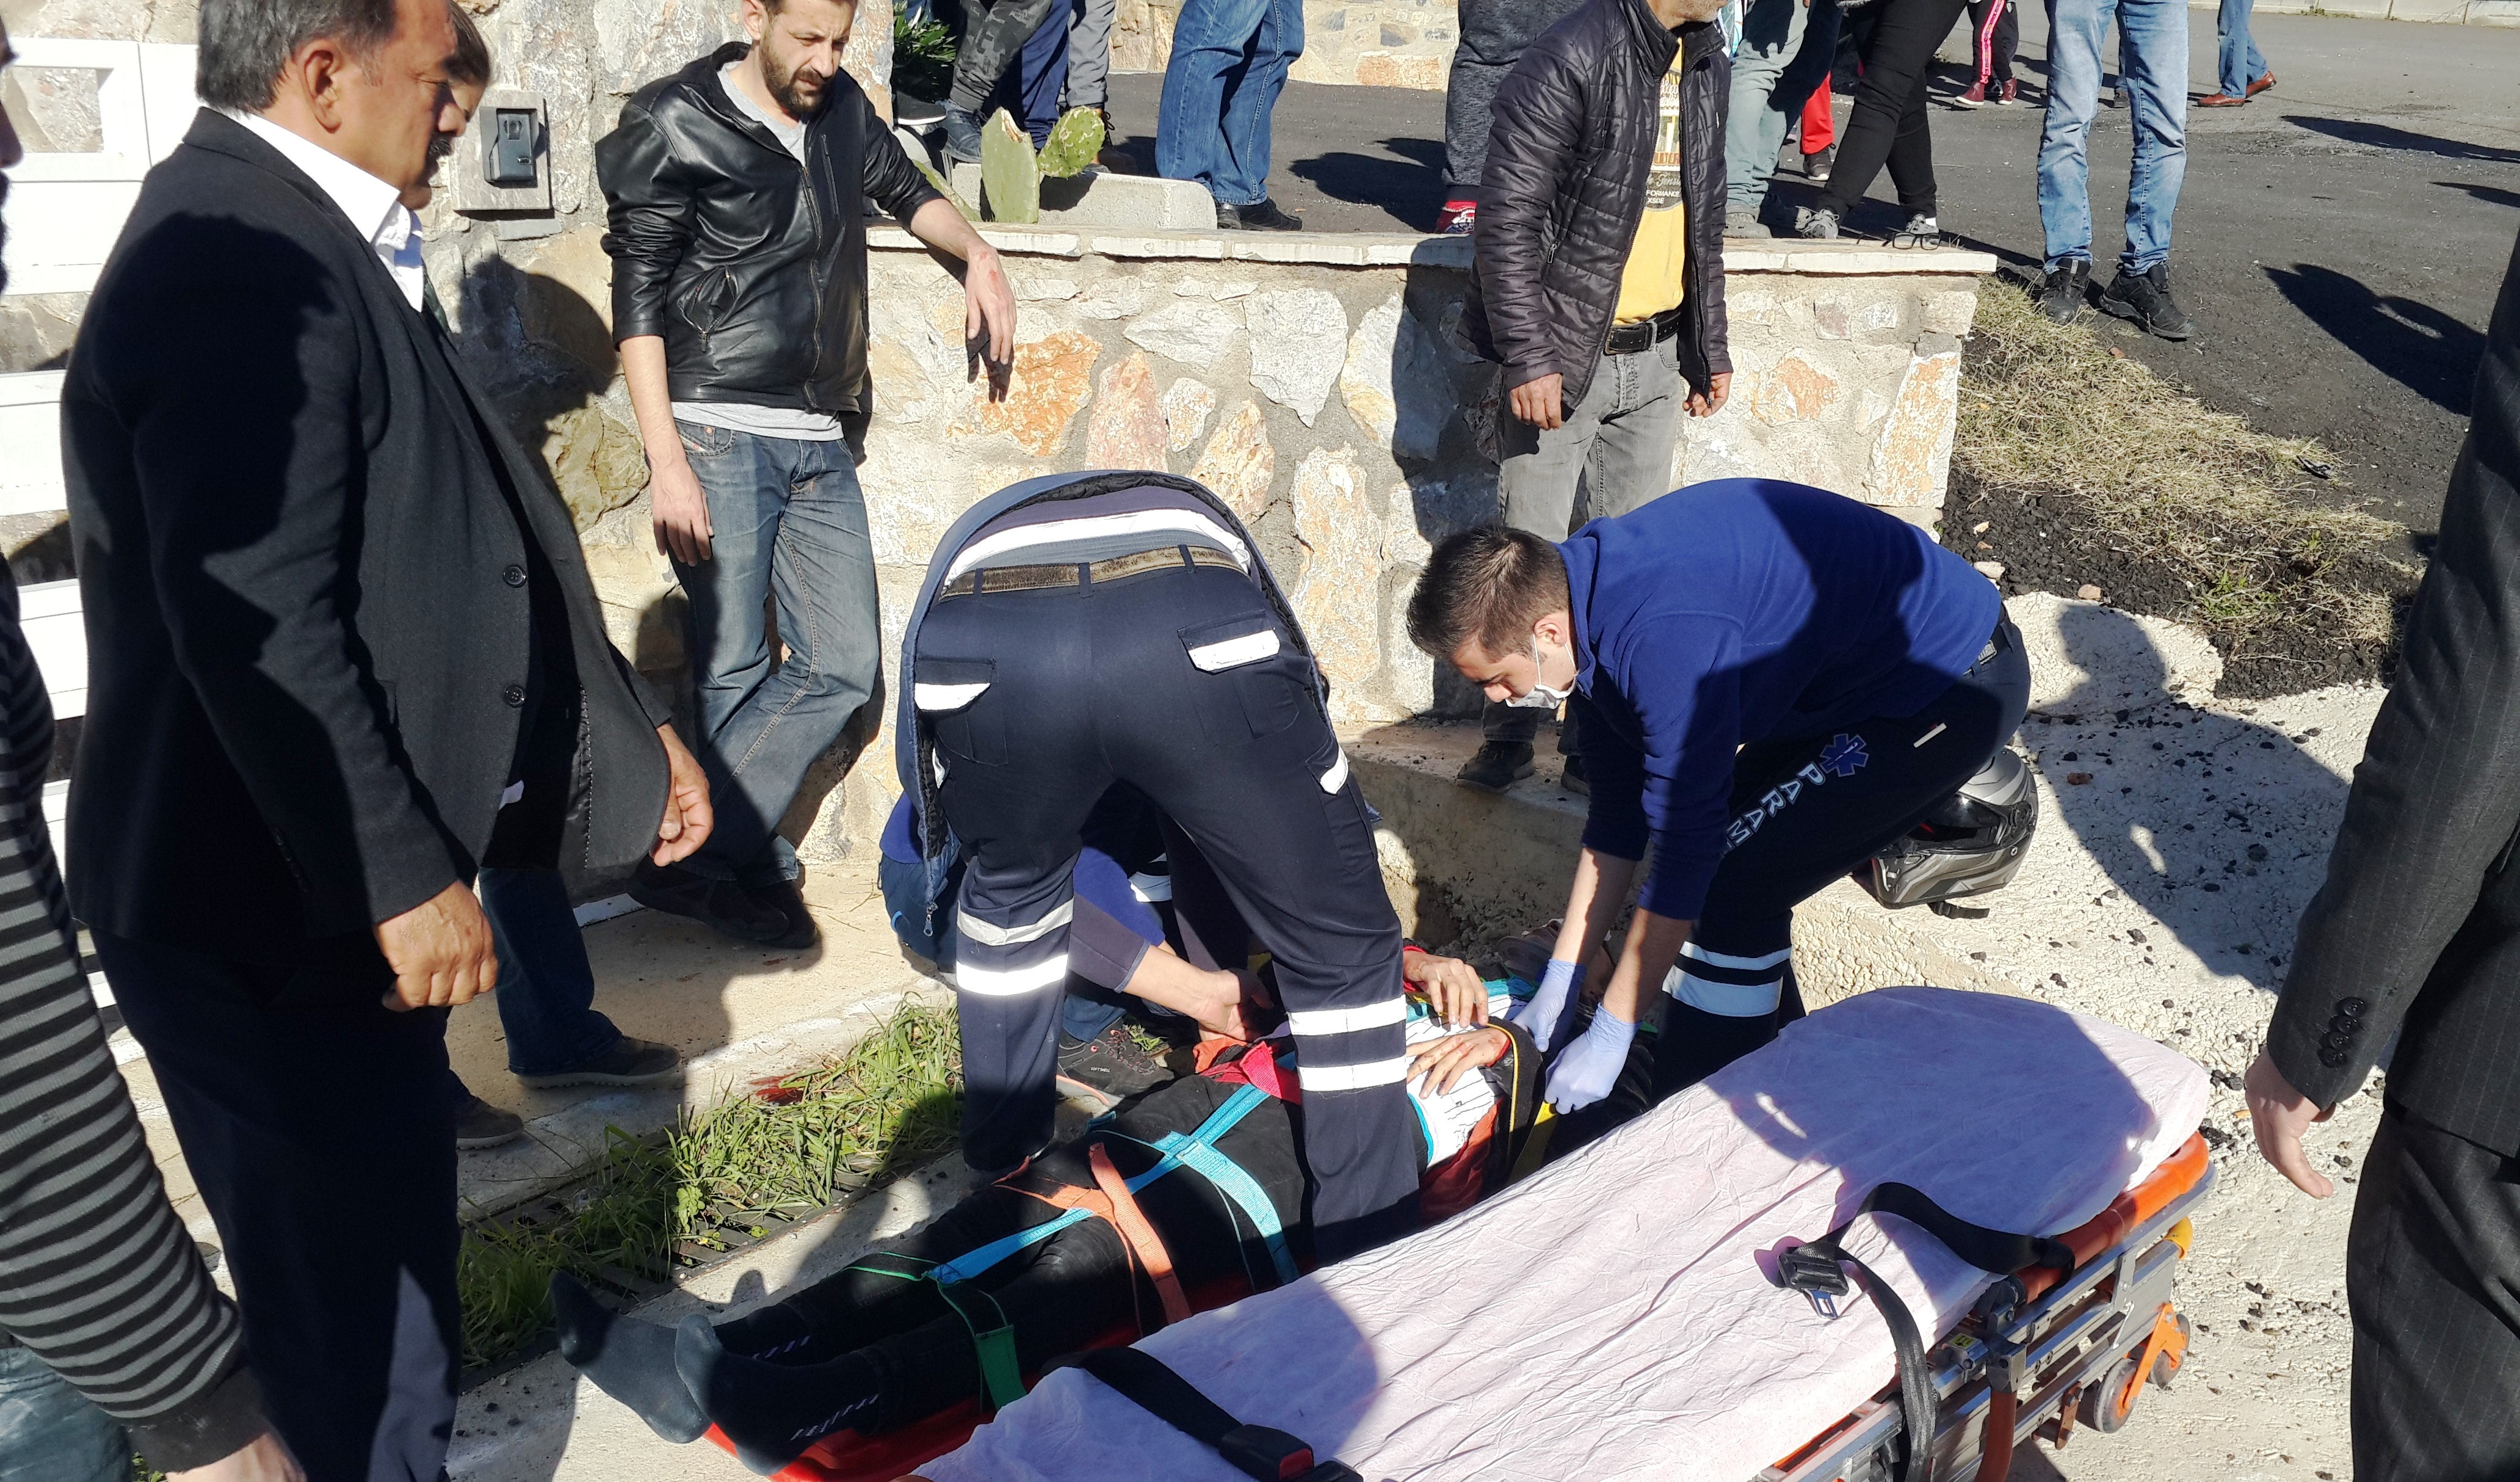 konacık kaza KONACIK'TA MEYDANA GELEN KAZADA 2 GENÇ YARALANDI… konacik motor kazasi 1